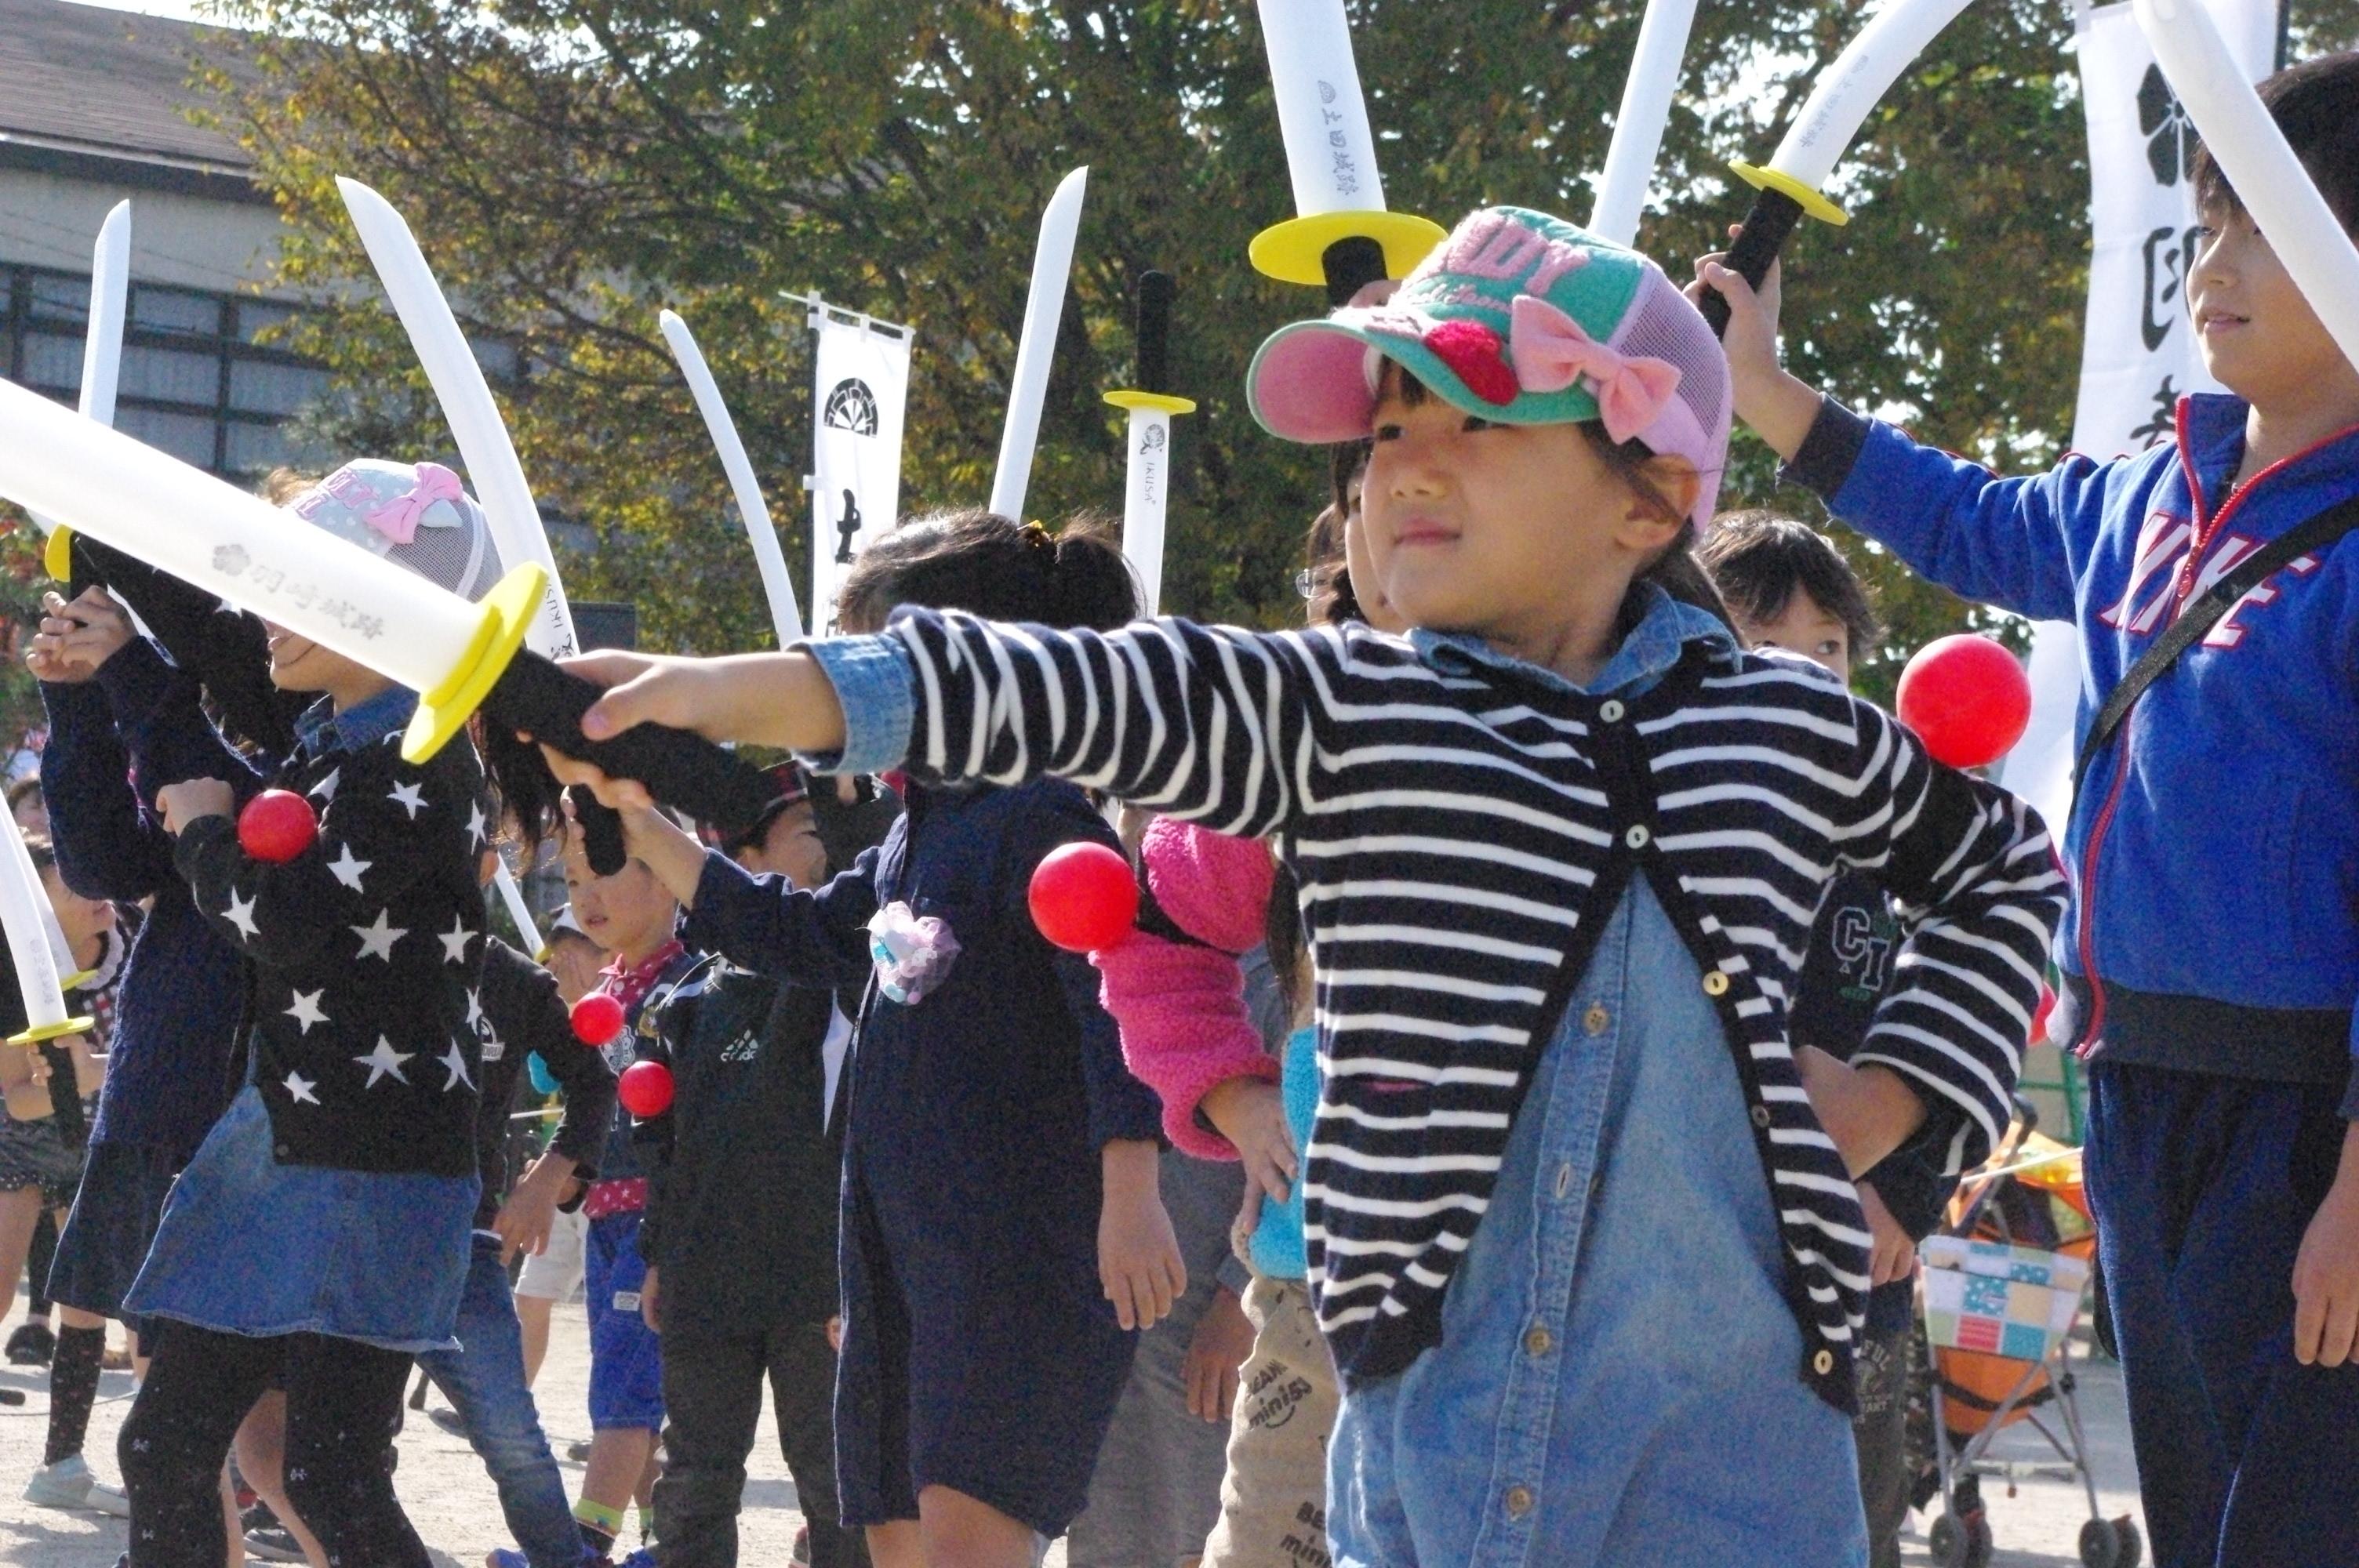 【地方創生ブログ第十三章】合戦同時多発!?祝可児市侍5000人突破!